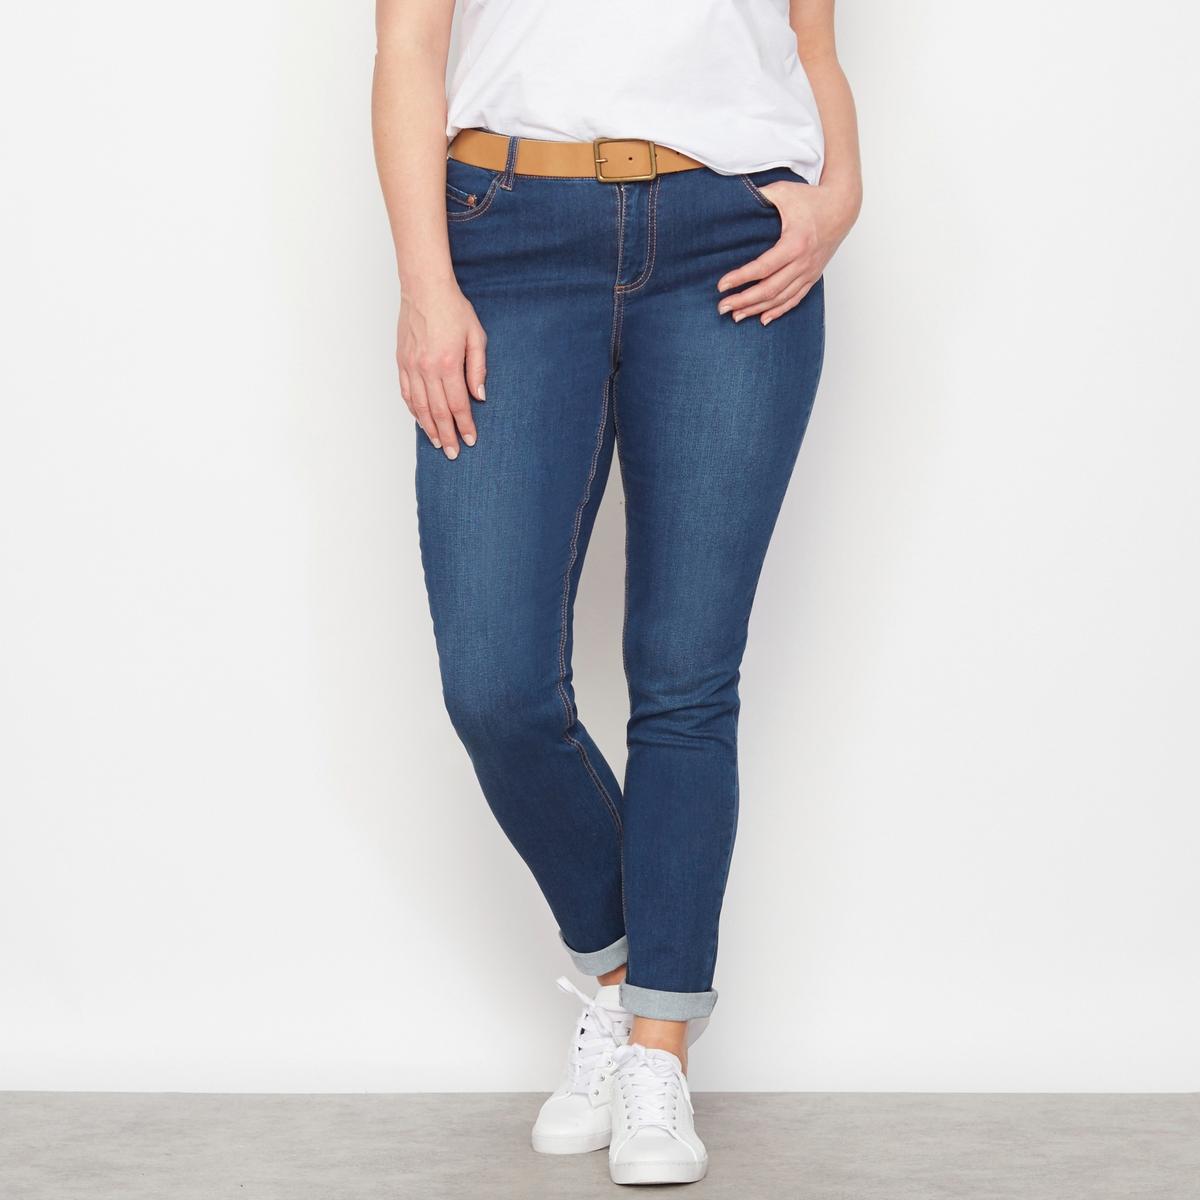 Джинсы Утончённый силуэт, длина по внутр. шву. 73 см.У вас небольшой рост, узкие бёдра и прямая фигура: эти джинсы буткат приспособятся к вашим особенностям, чтобы вы выглядели великолепно! Брючины заужены к низу. 5 карманов. Рост -  1м65 : длина по внутреннему шву 73 см, ширина по низу 15,5 см.<br><br>Цвет: голубой потертый,синий потертый,темно-синий,черный<br>Размер: 52 (FR) - 58 (RUS).42 (FR) - 48 (RUS).44 (FR) - 50 (RUS).46 (FR) - 52 (RUS).52 (FR) - 58 (RUS).54 (FR) - 60 (RUS).54 (FR) - 60 (RUS).54 (FR) - 60 (RUS).56 (FR) - 62 (RUS).58 (FR) - 64 (RUS)